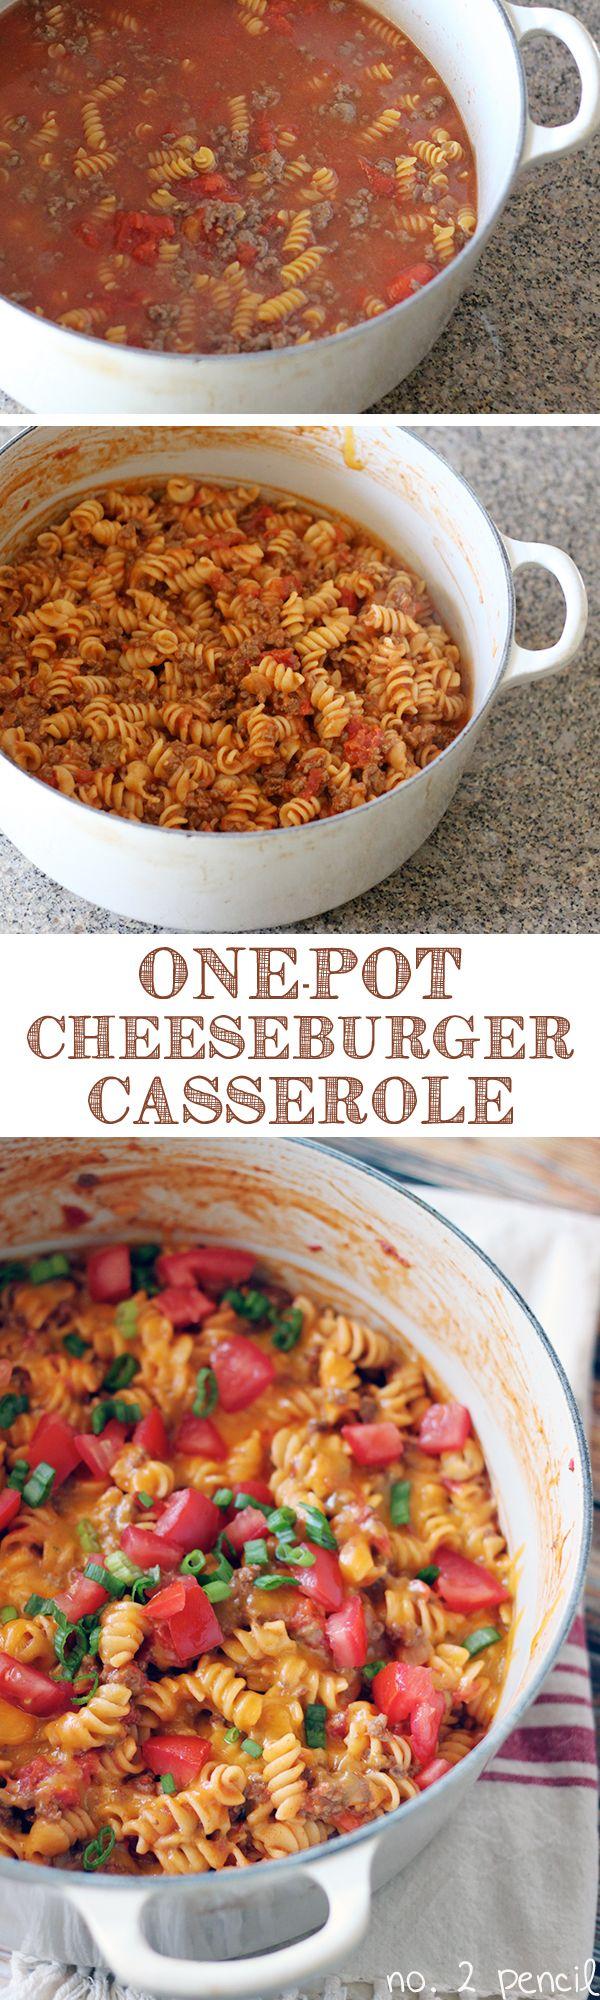 One-Pot Cheeseburger Casserole